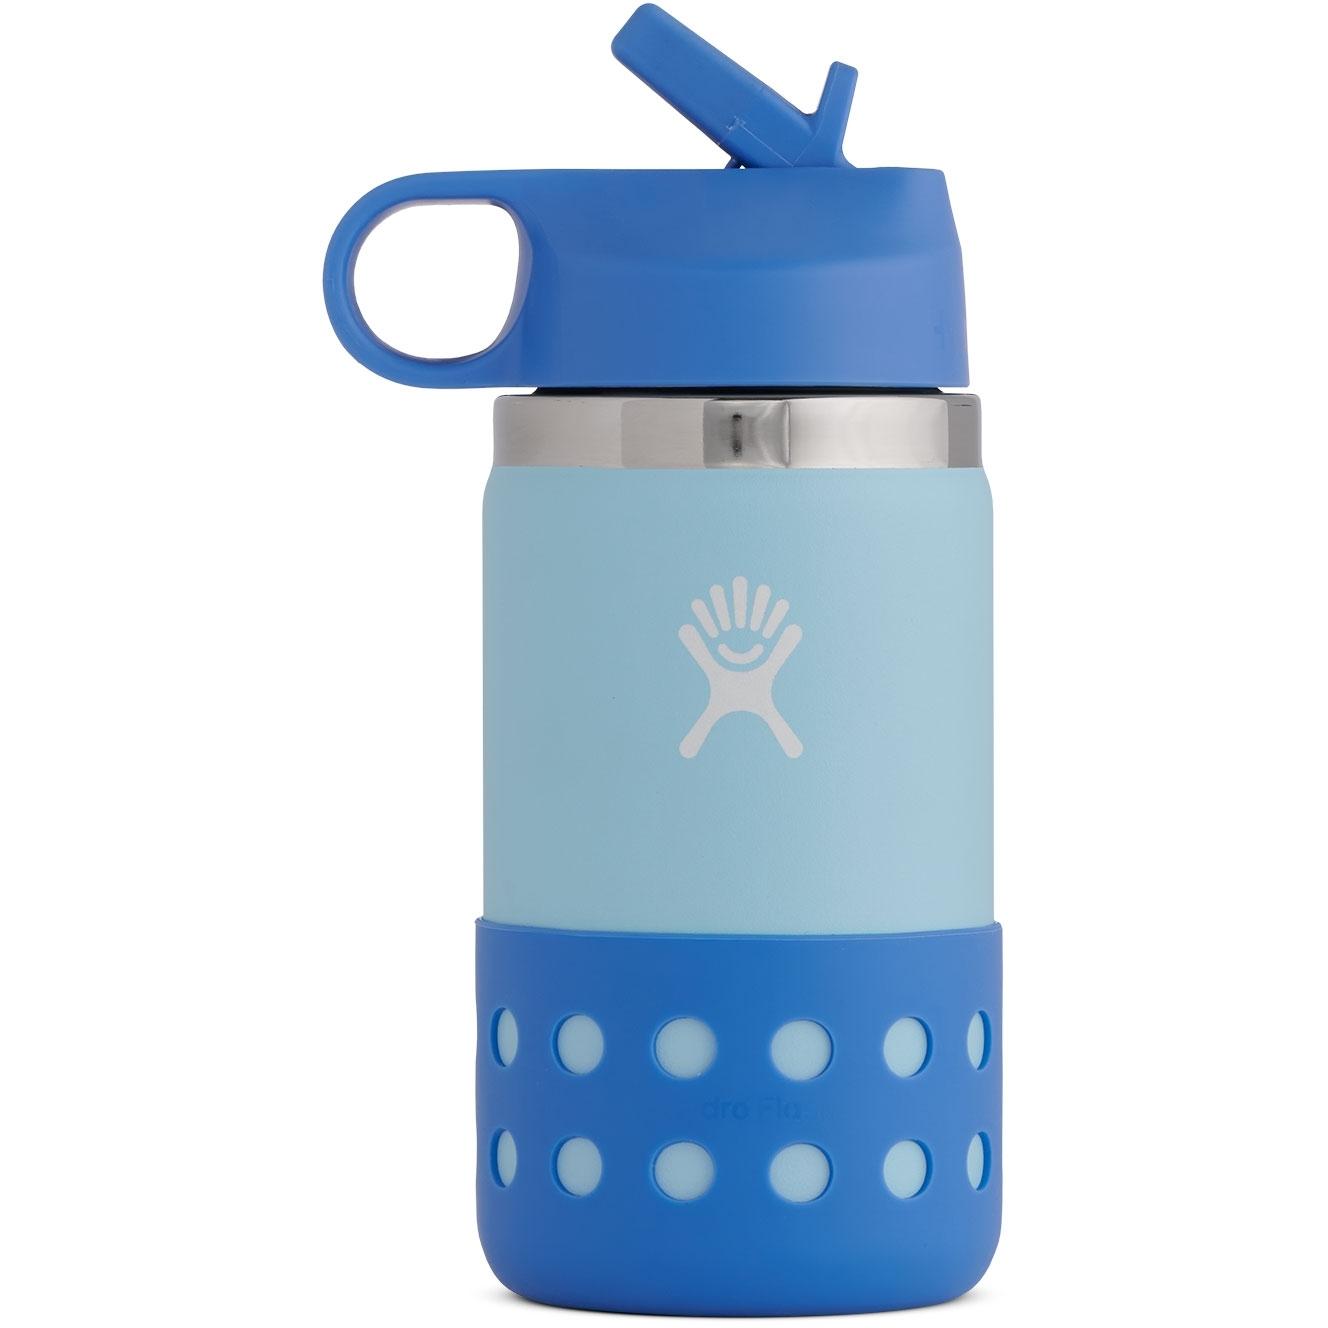 Produktbild von Hydro Flask 12 Oz Kids Wide Mouth Straw Lid & Boot Thermoflasche - 355 ml - Ice